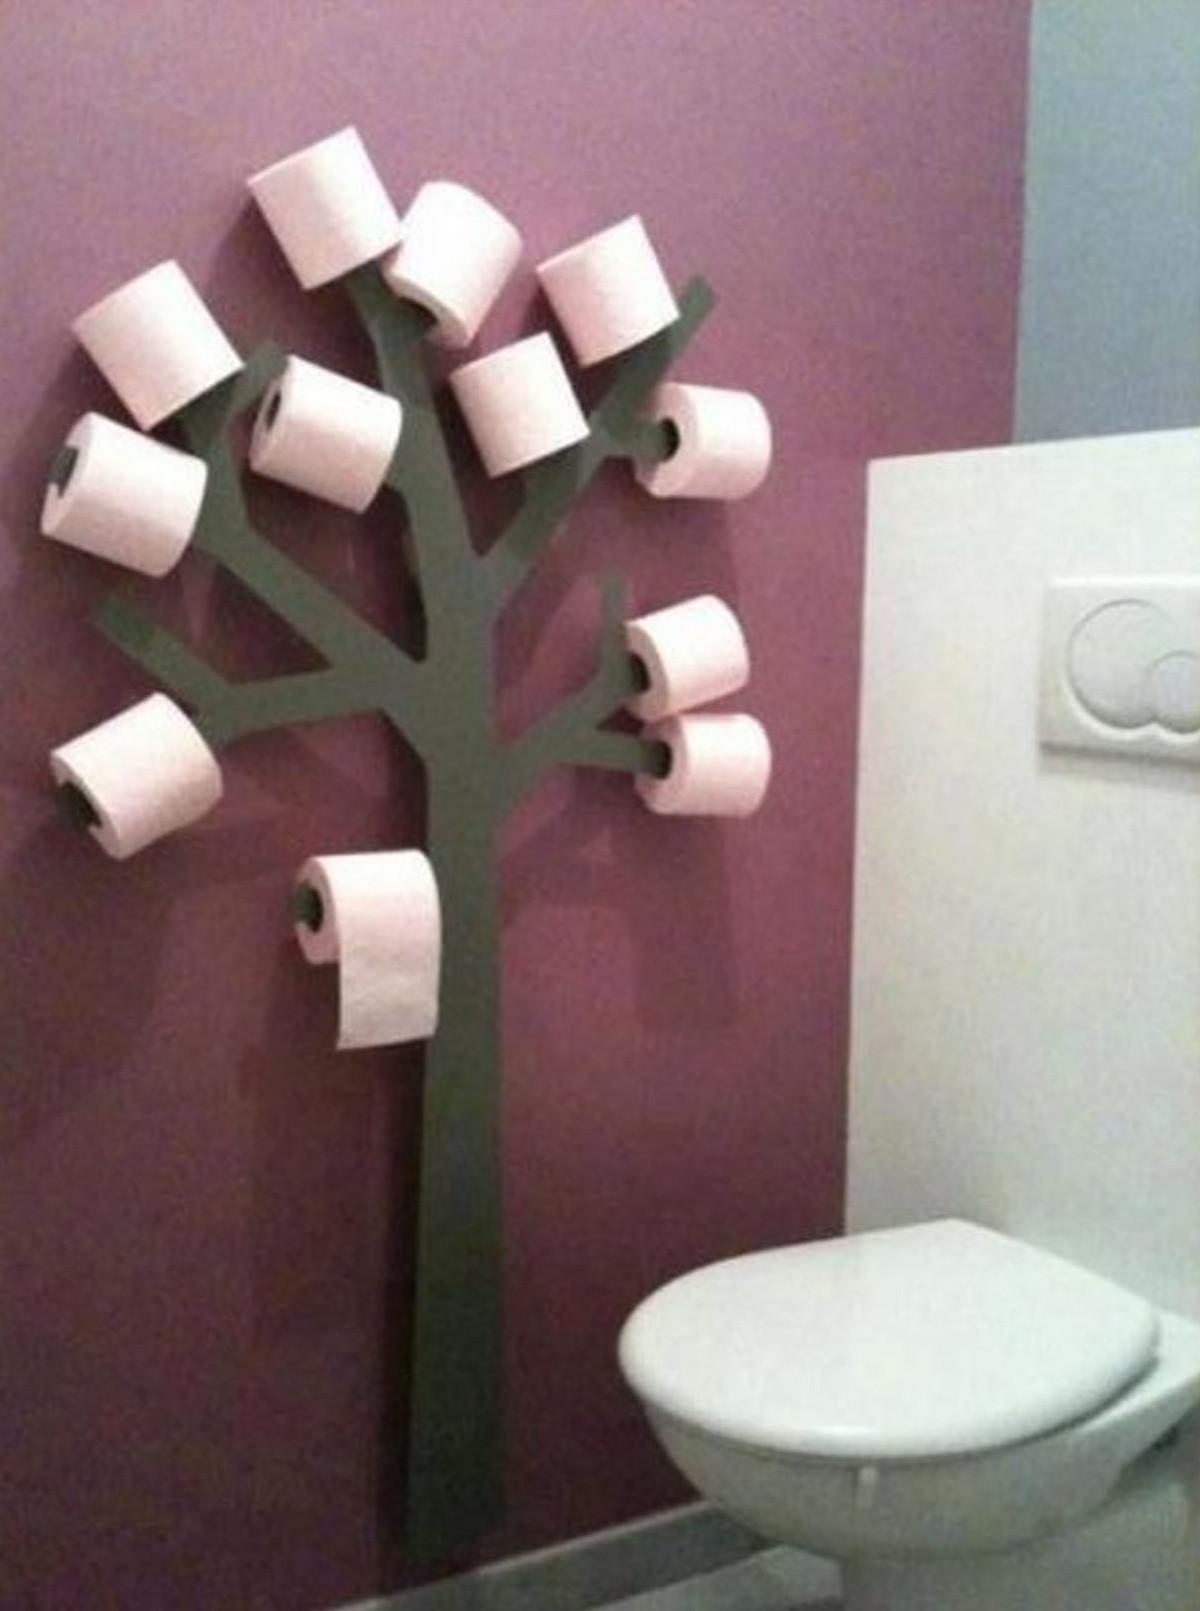 Для туалета берём на вооружение, благоустройство, дизайн, идеи для ремонта, крутые идеи, полезности, ремонт